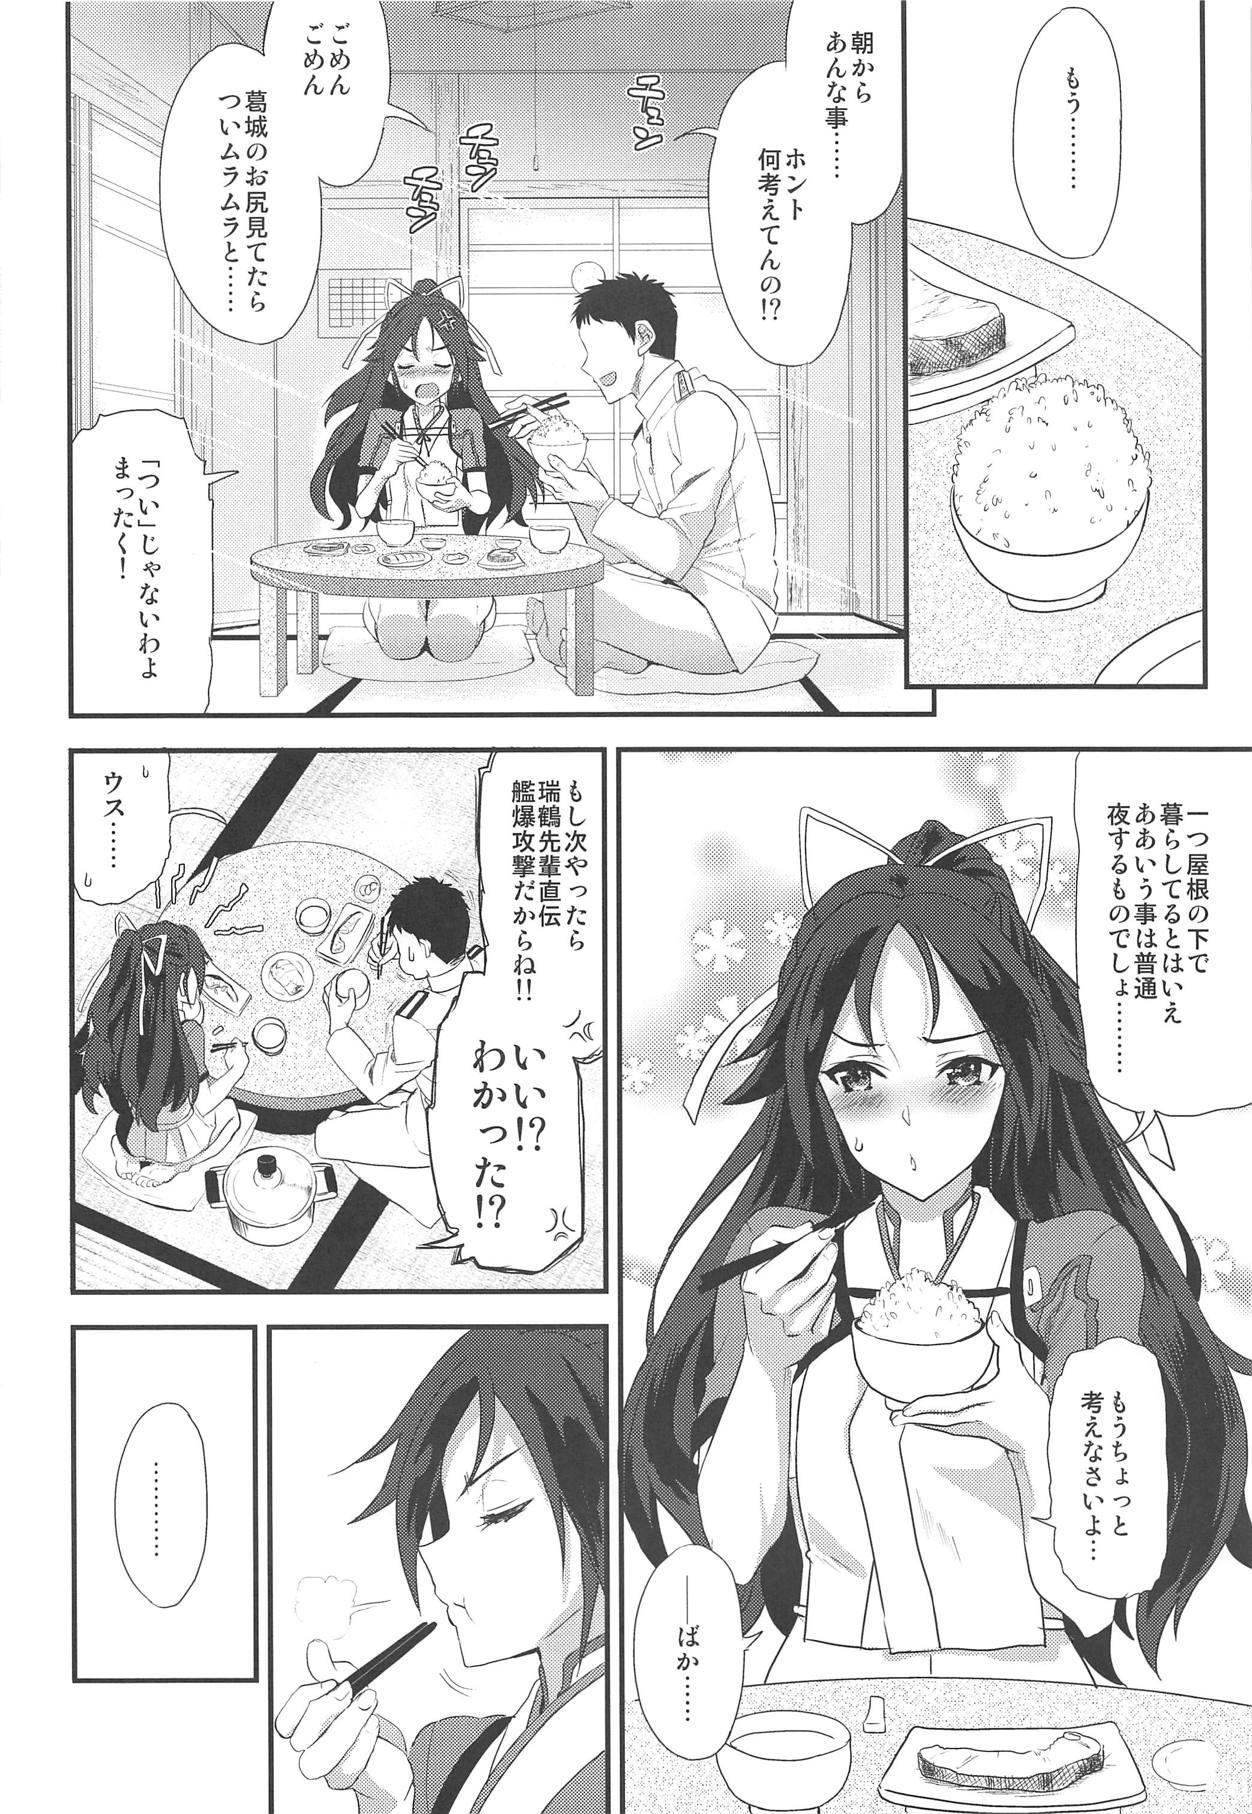 Katsuragi Travailler 6